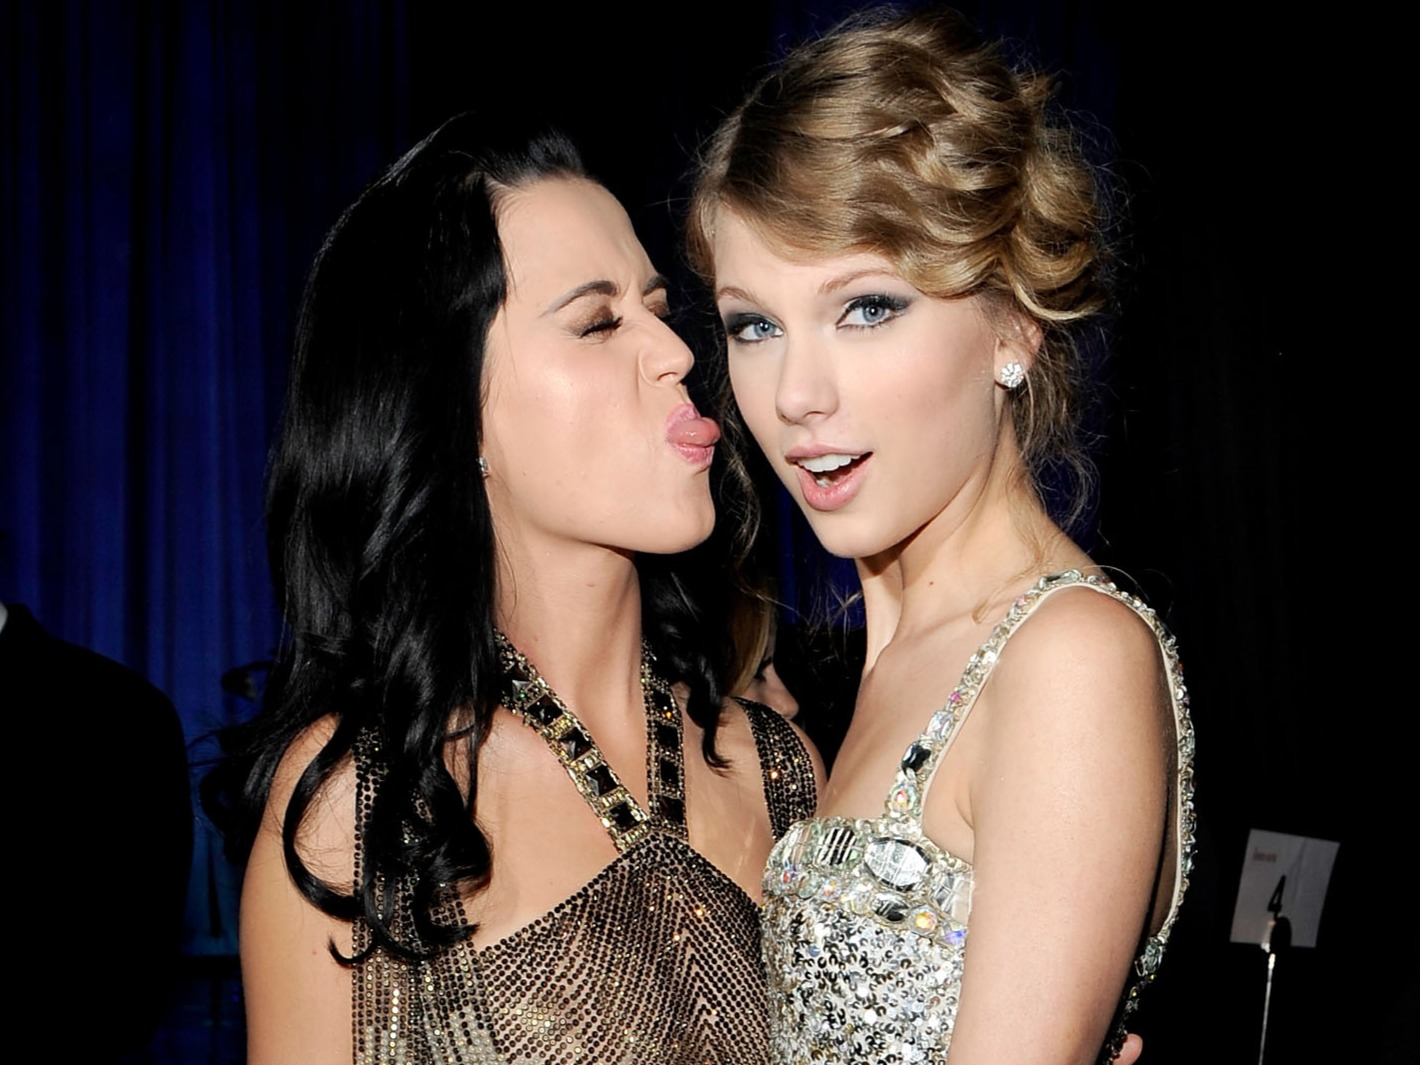 ¿Qué le hizo Katy Perry a Taylor Swift?